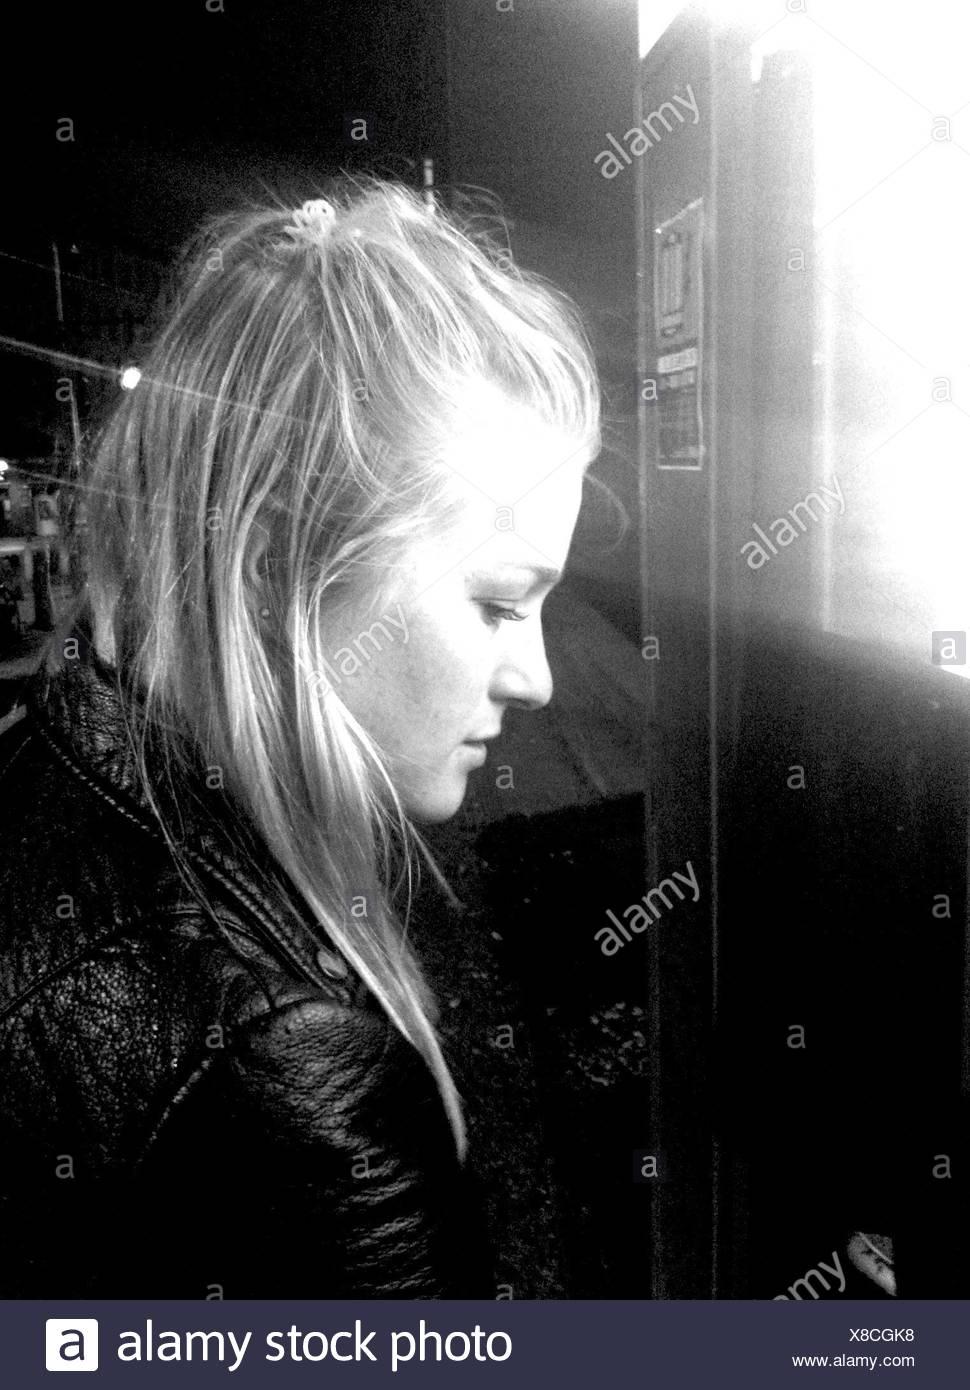 Vista di Profilo di donna in piedi dalla macchina di biglietteria di notte Immagini Stock